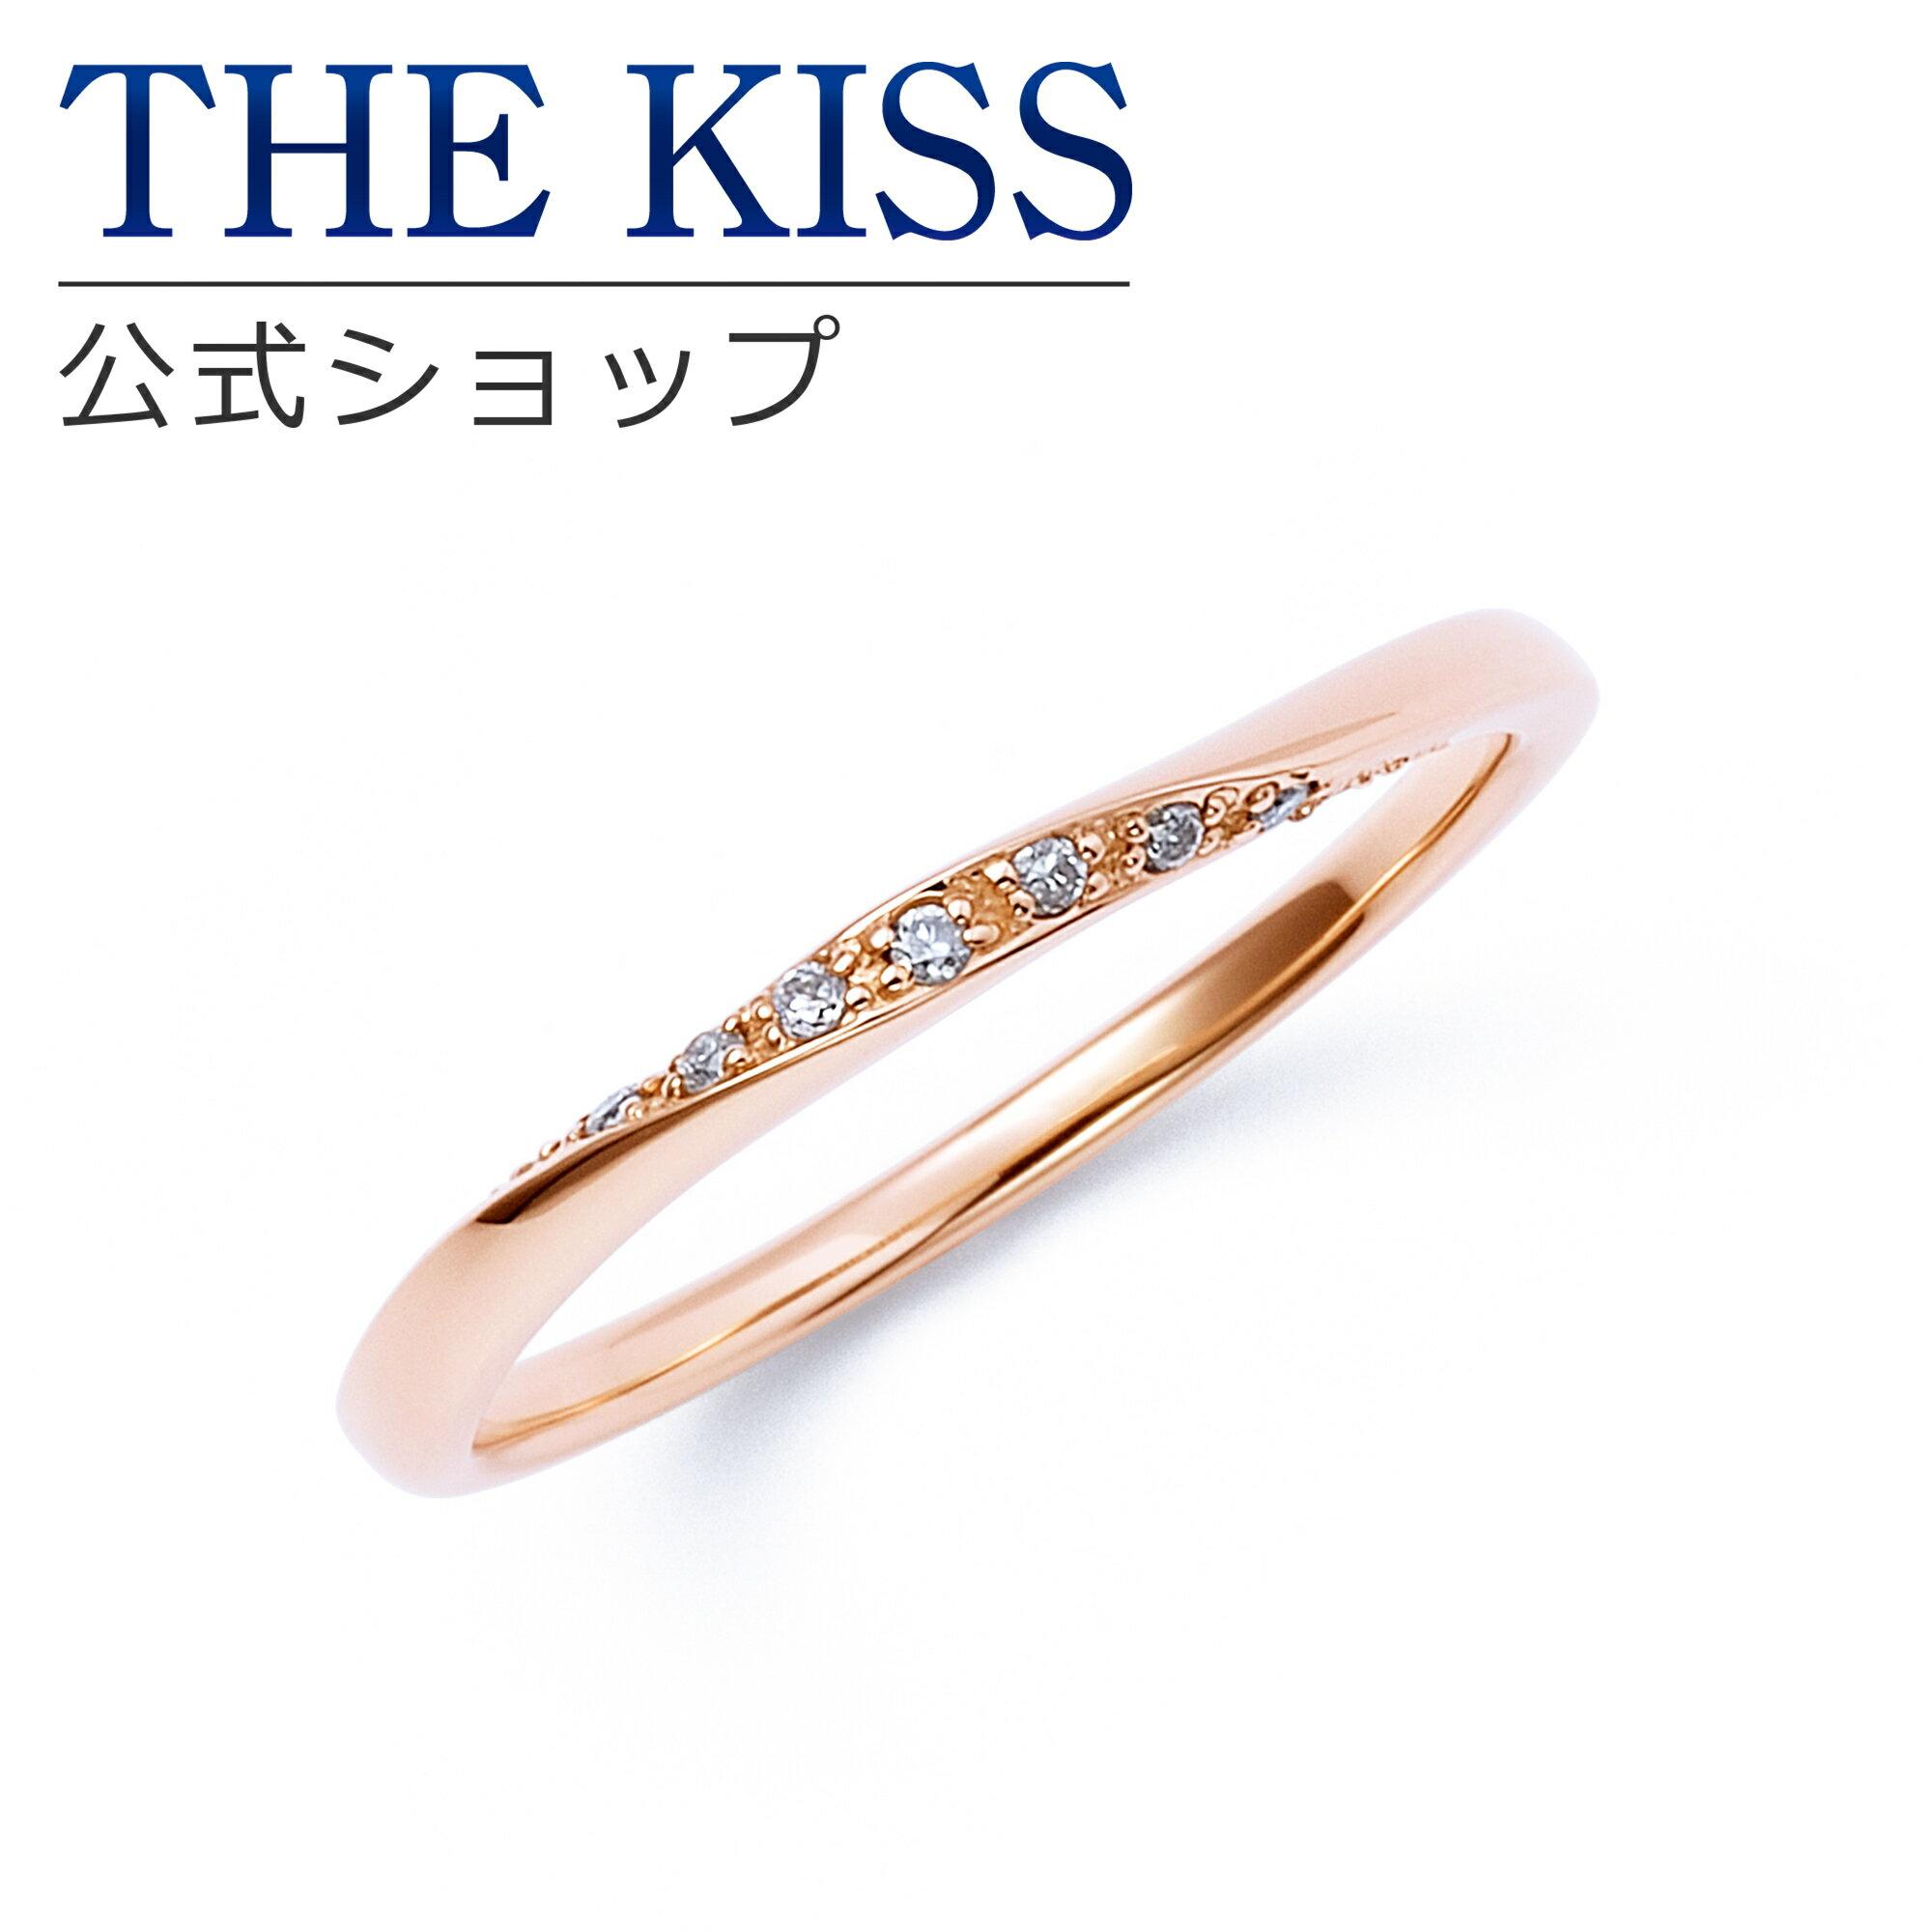 【対応】 【】【送料無料】【THE KISS sweets】【ペアリング】 K10ピンクゴールド ダイヤモンド レディース リング (レディース単品)☆ ダイヤモンド ゴールド ペア リング 指輪 ブランド Diamond GOLD Pair Ring couple カップル に 人気 の THEKISS sweets ( ザ キス ) ! 通販 人気 ブランド アクセサリー ペア リング 指輪 は thekiss ザキス シルバー ジュエリー 記念日 誕生日 プレゼント に